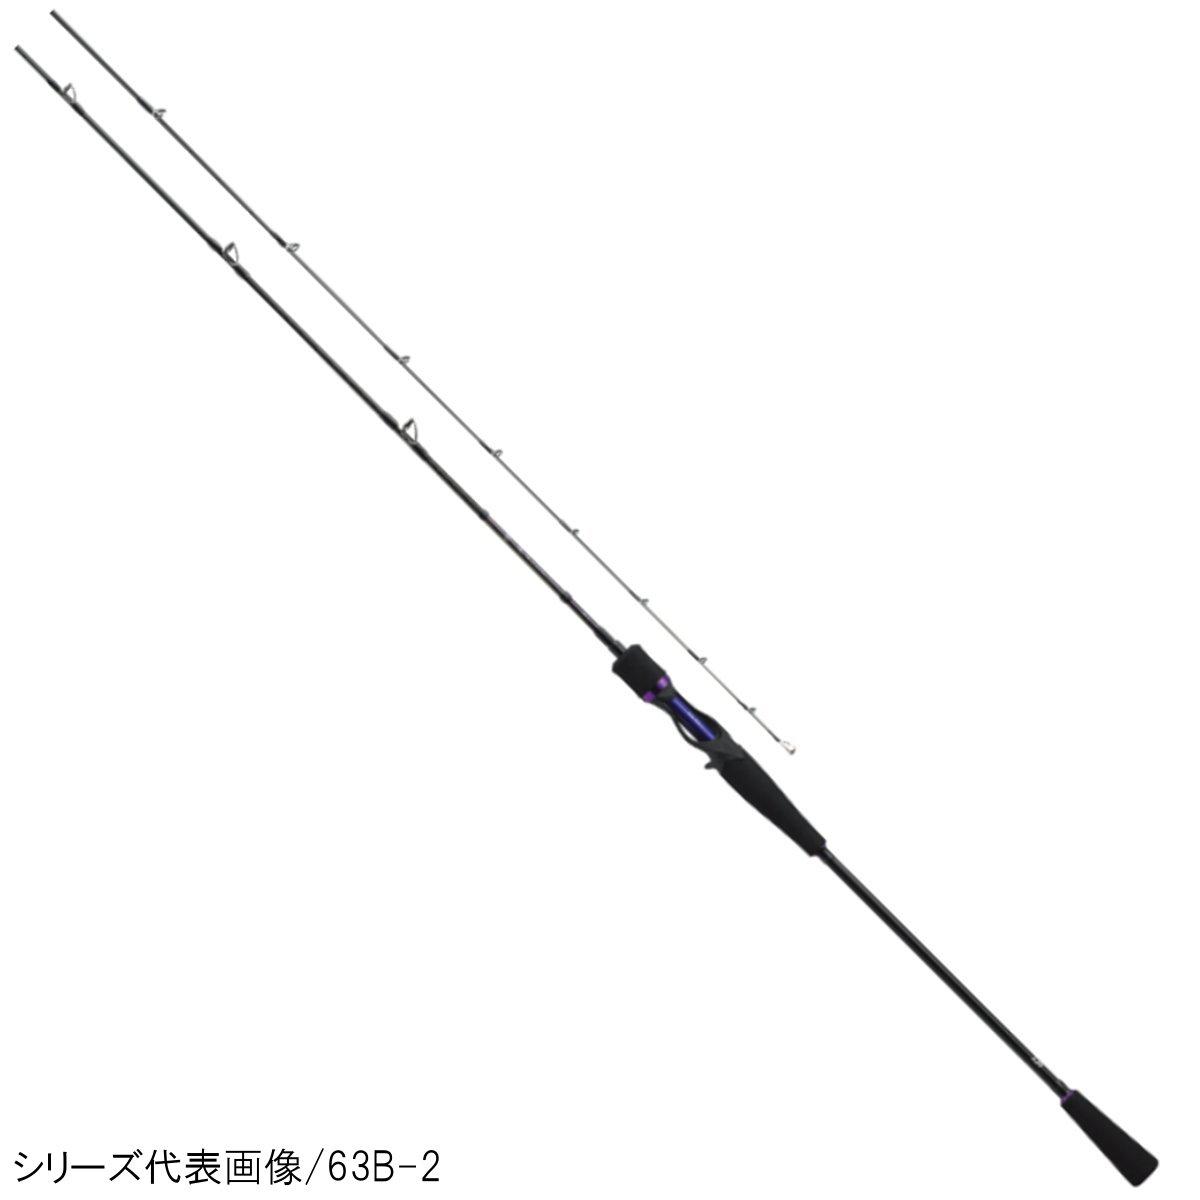 ダイワ 鏡牙 63B-3